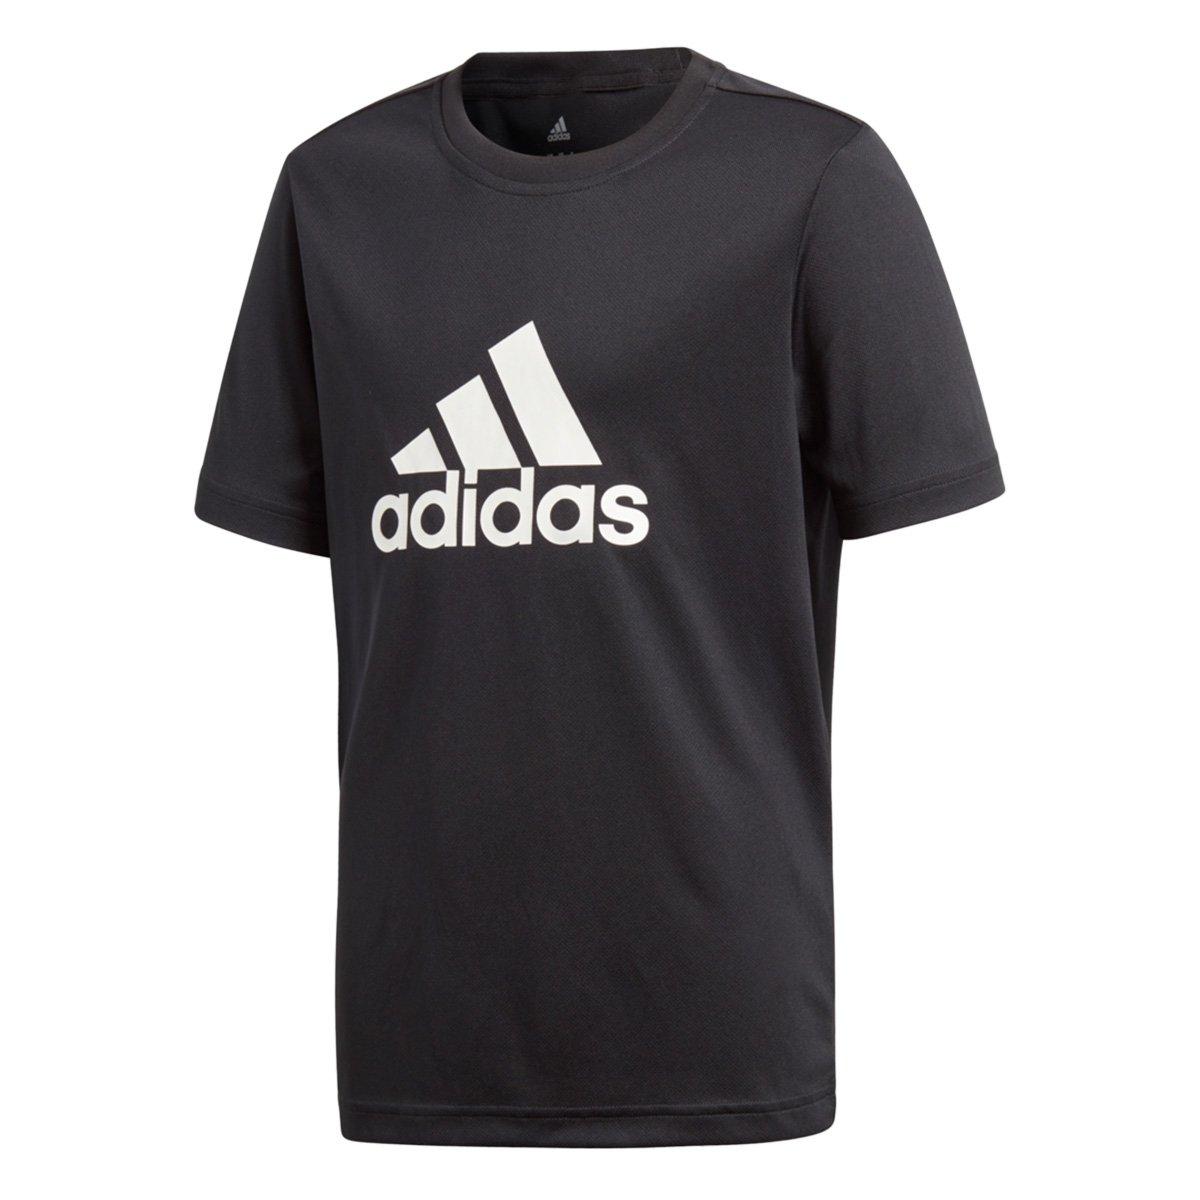 46005ca64c6 Camiseta Infantil Adidas Yb Gu Masculina - Preto - Compre Agora ...